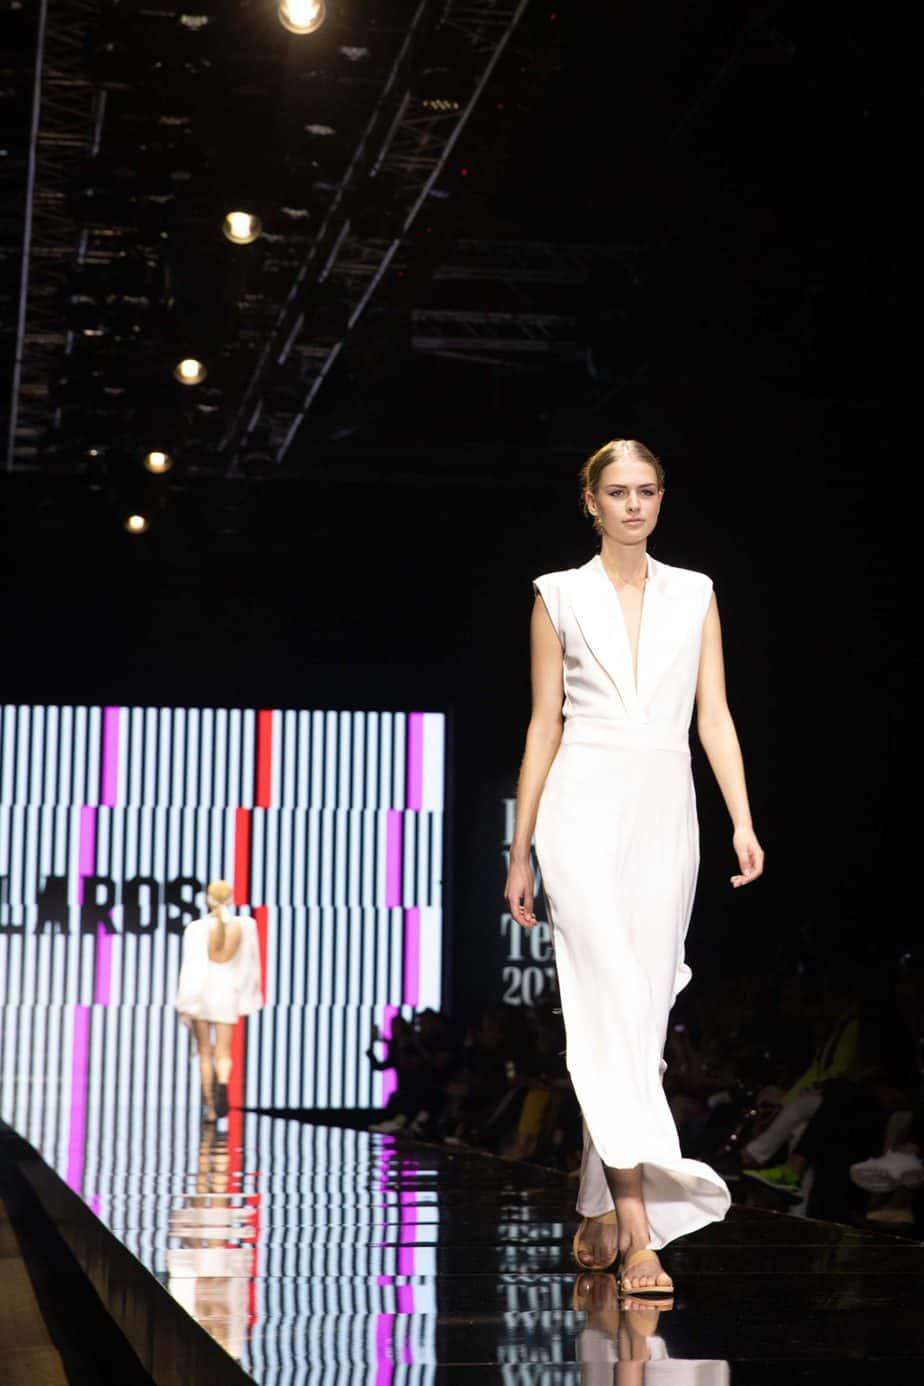 קולקציה עידן לרוס, תצוגת אופנה עידן לרוס שבוע האופנה תל אביב 2019, צילום עומר קפלן - 1